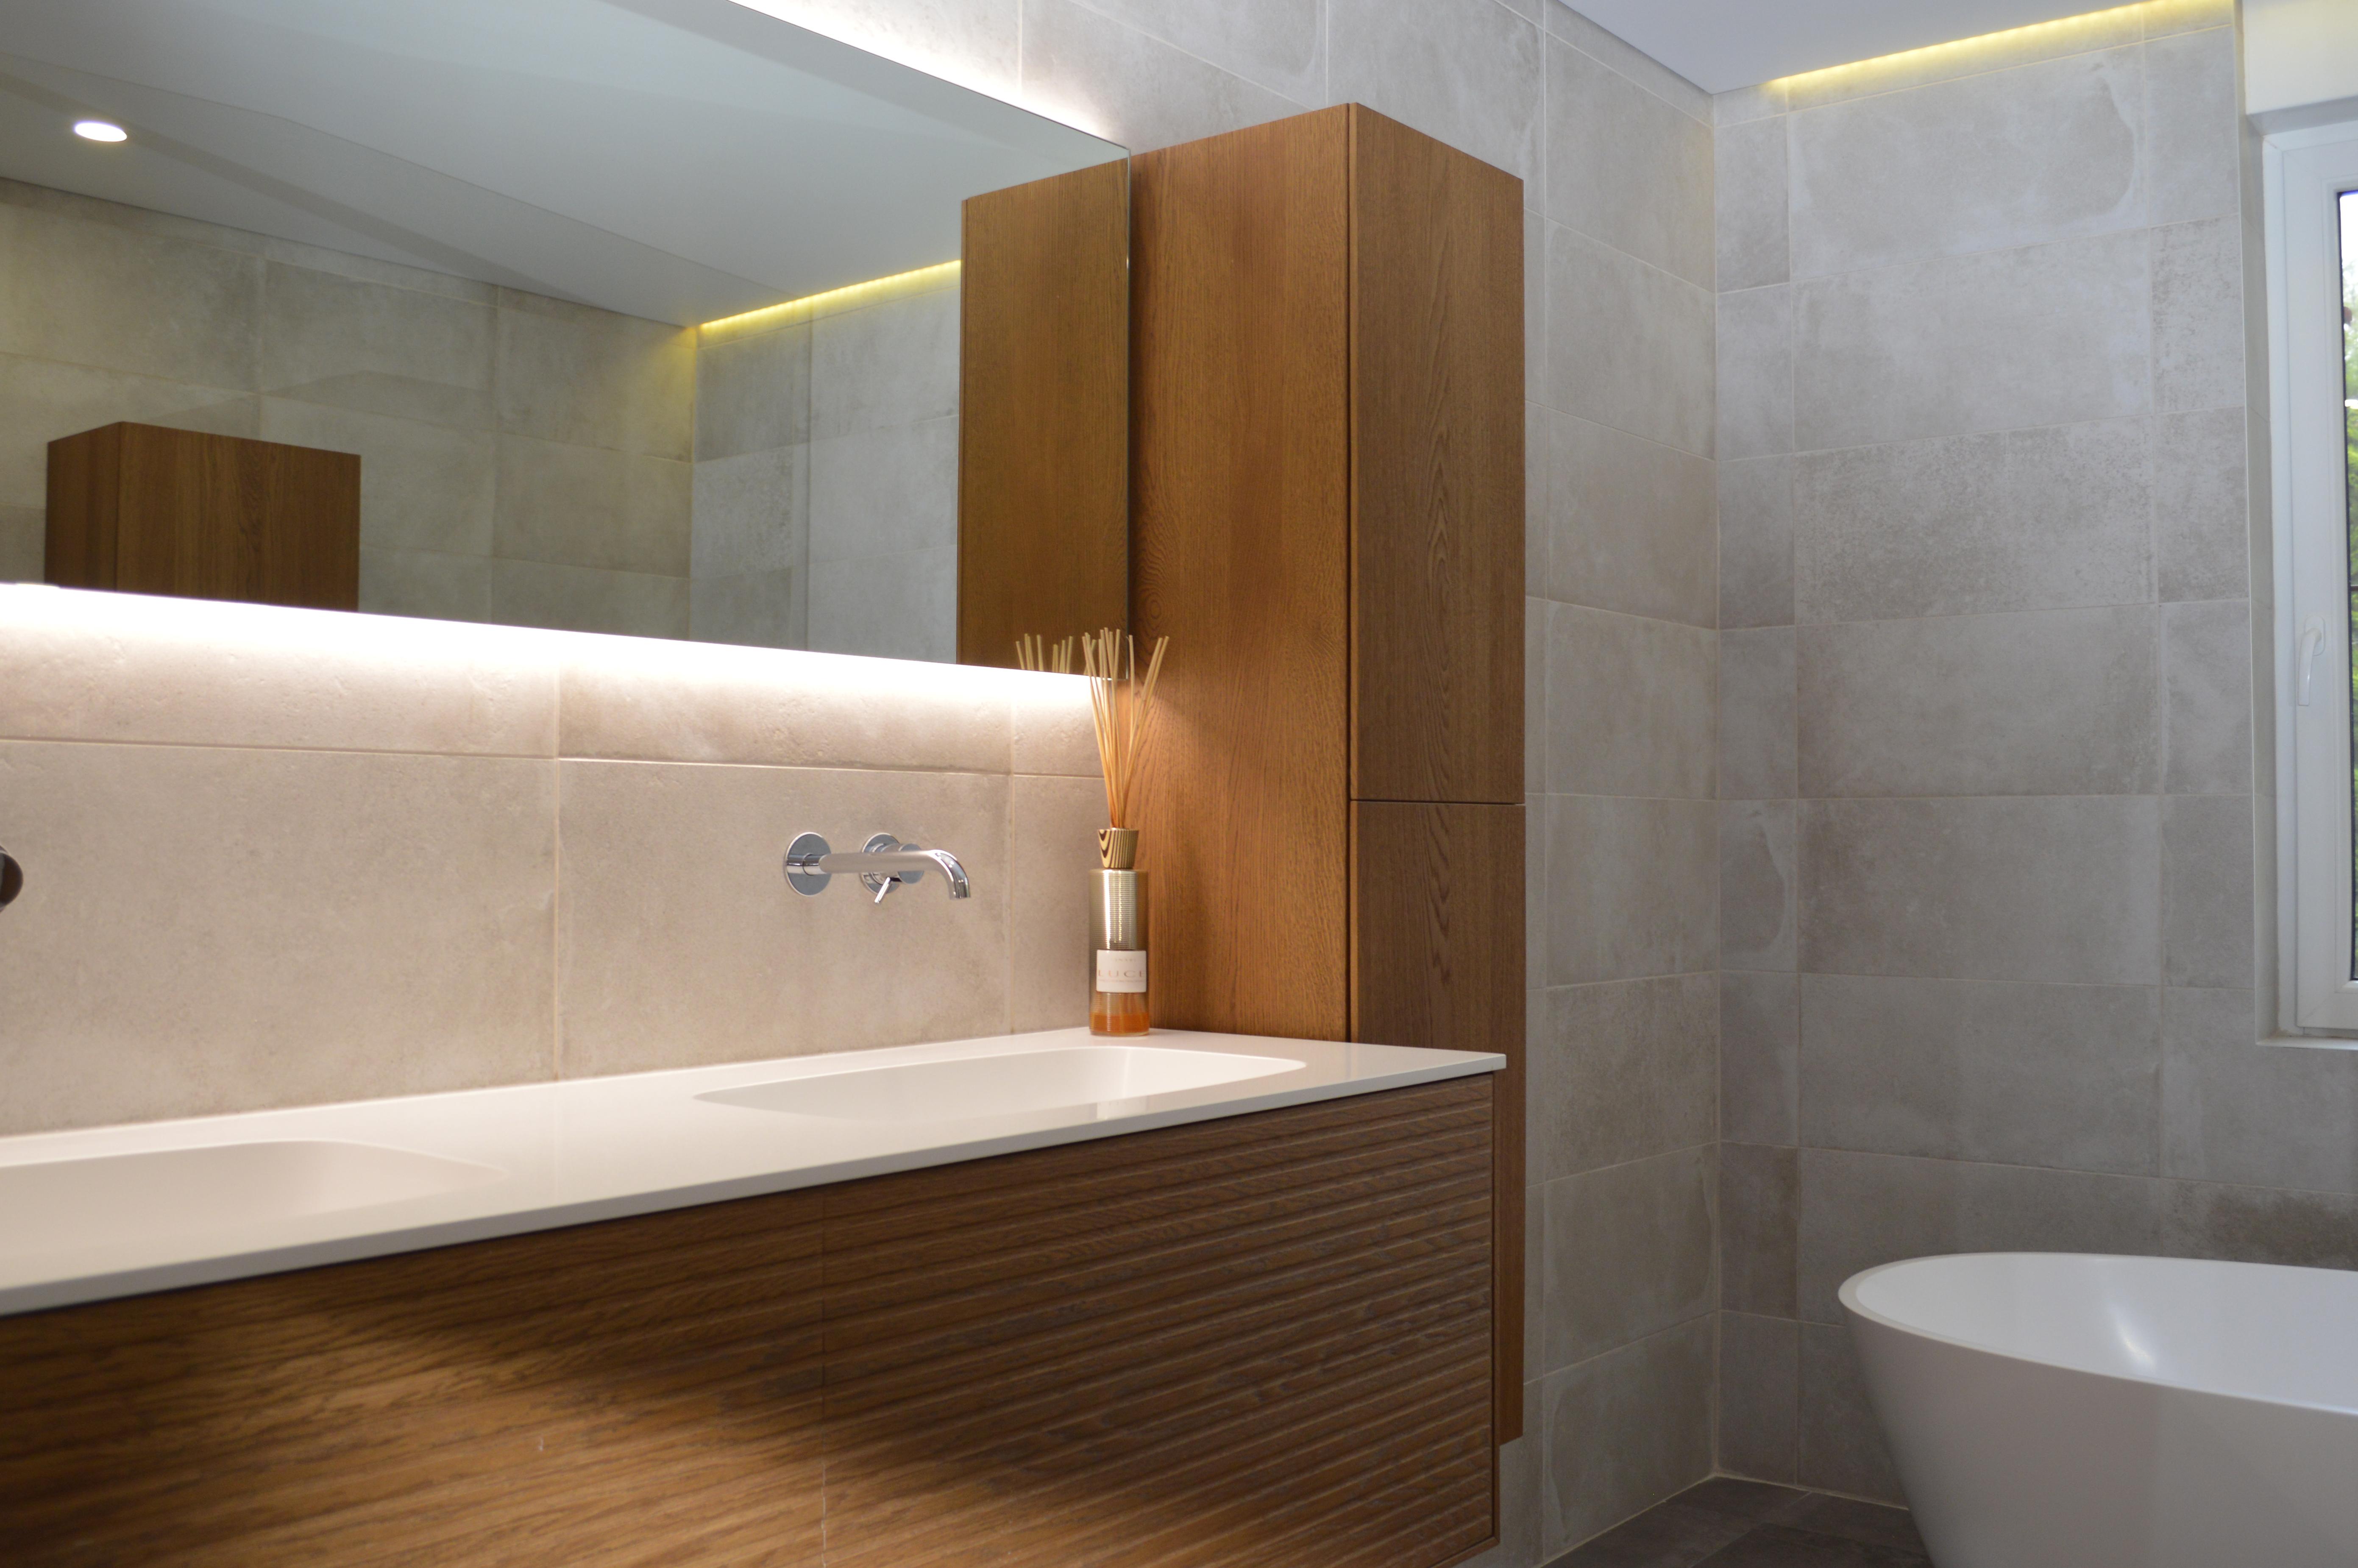 mijn badkamer  u2013 bal centrale verwarming